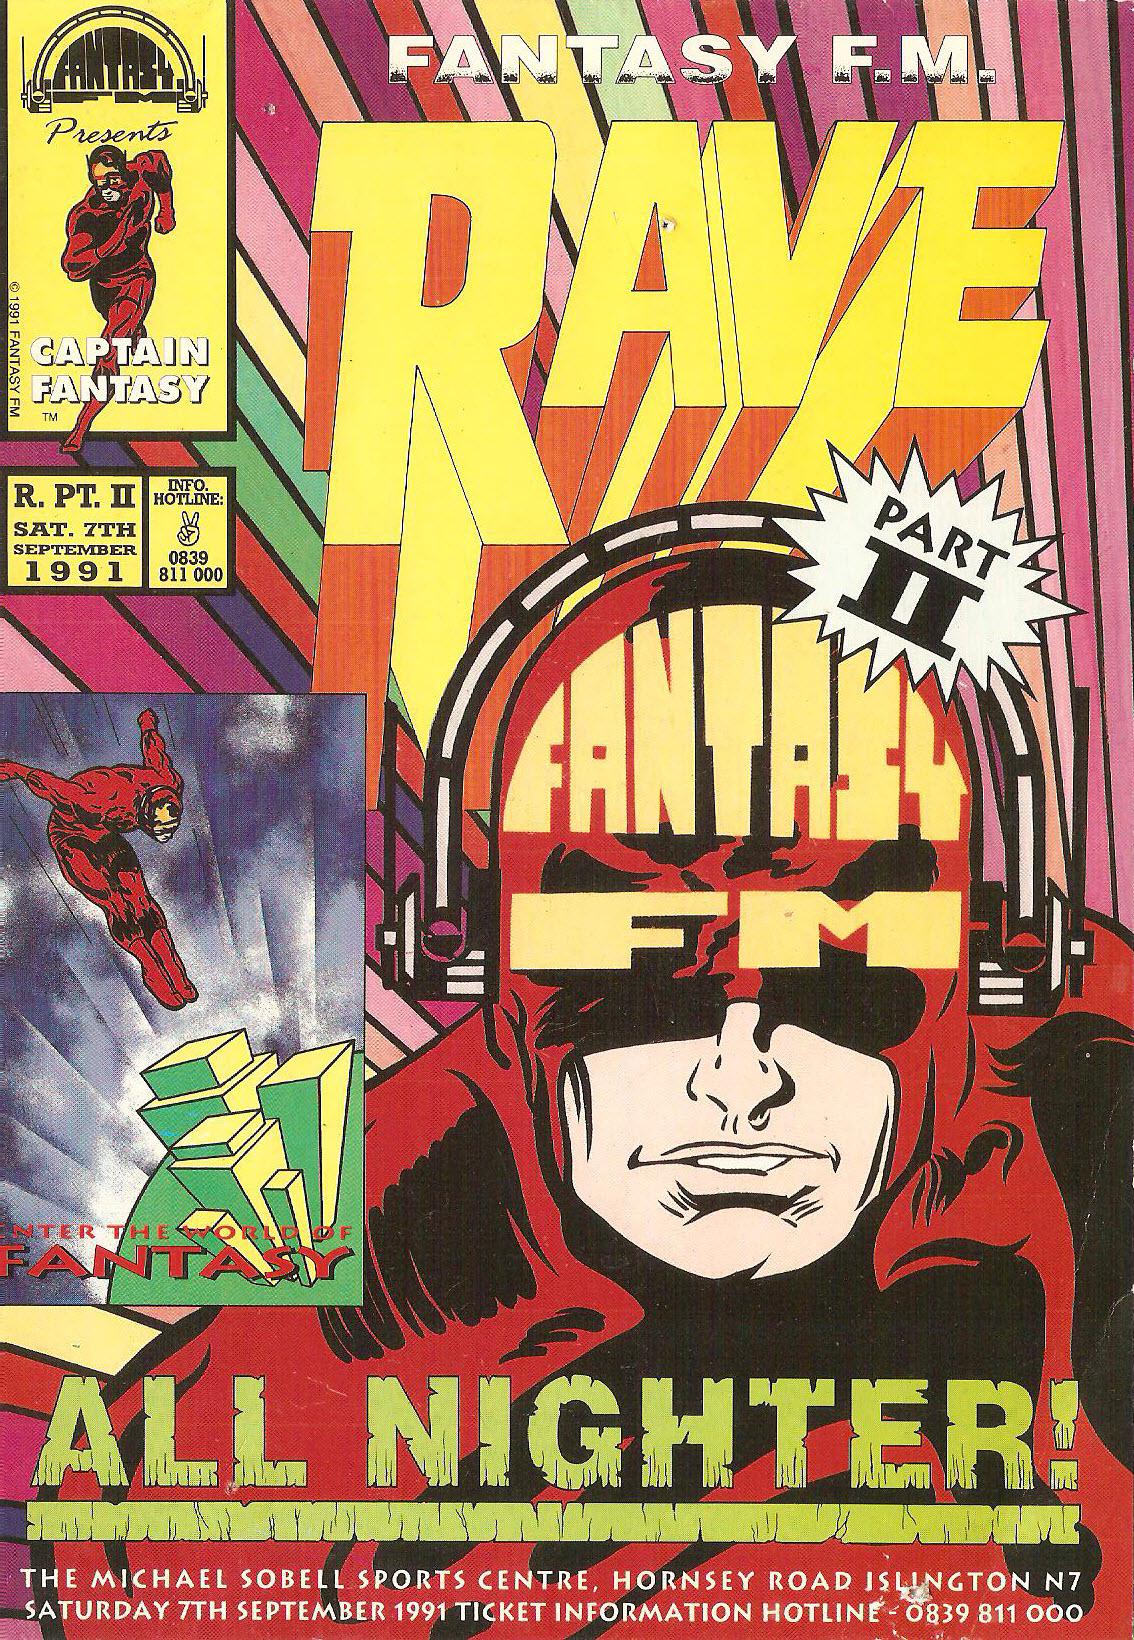 fantasy-fm-rave-pt2-front